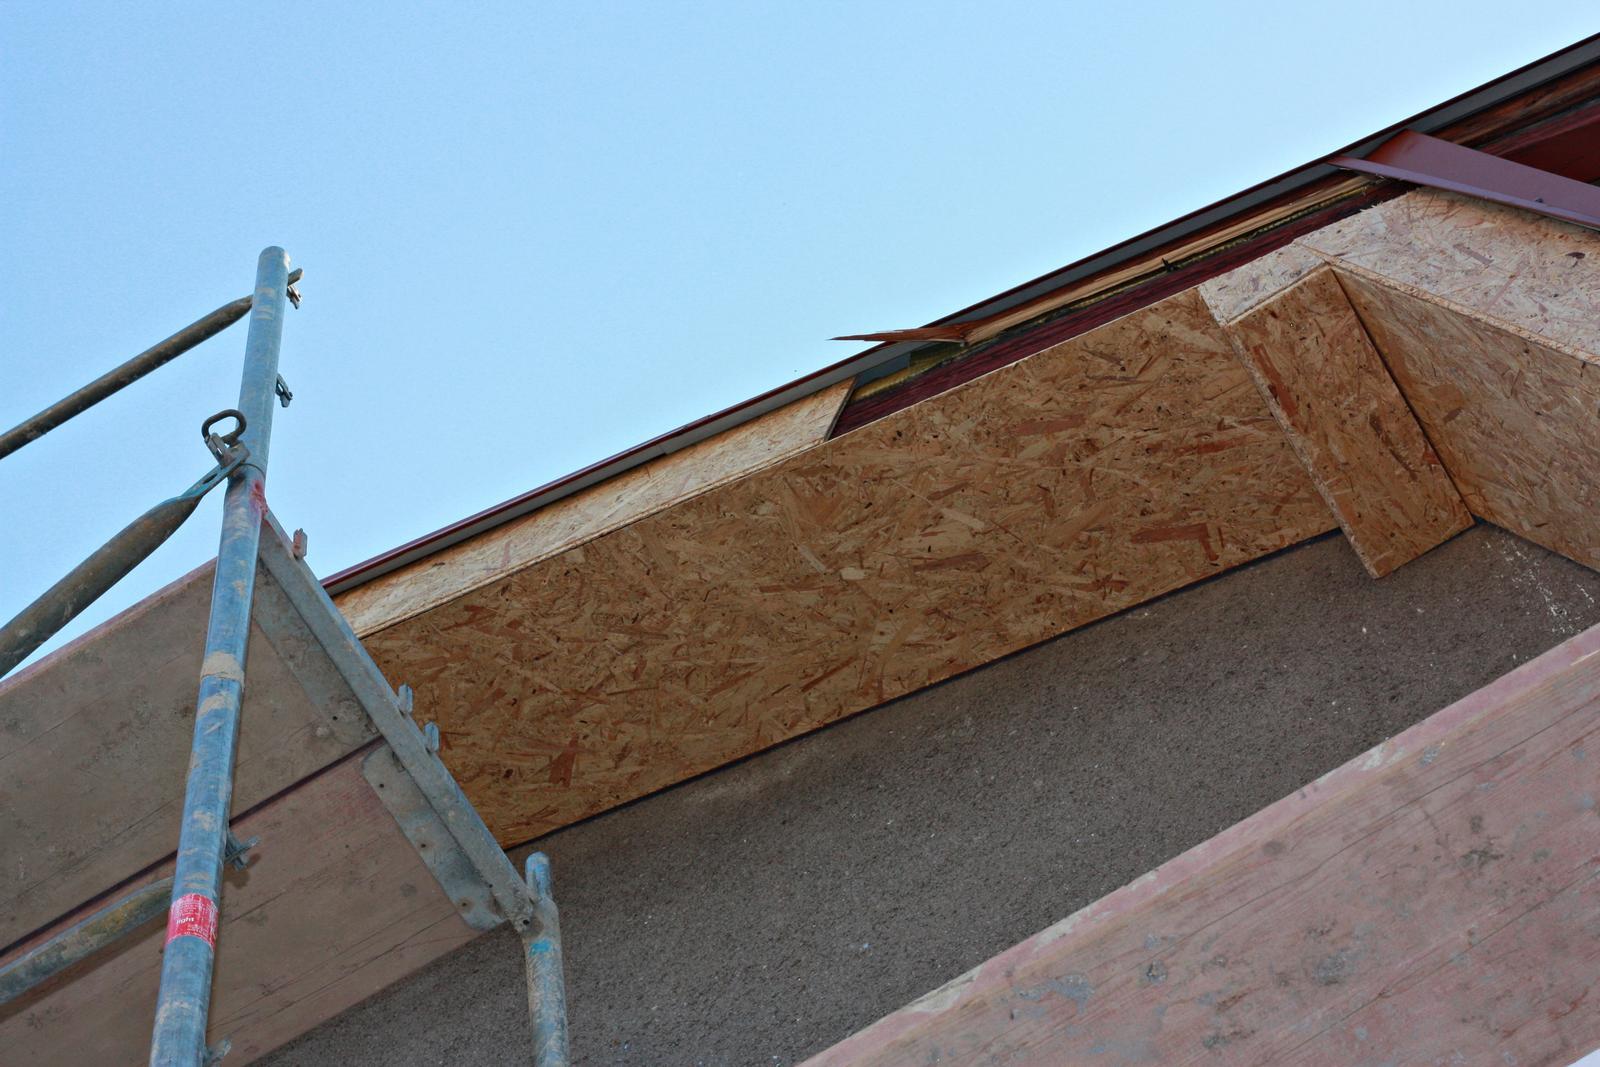 Domeček-naše přestavba - Když komplet,tak komplet,kdo by tam pořád sháněl lešení a natíral podbití,udělá se ve fasádě :)